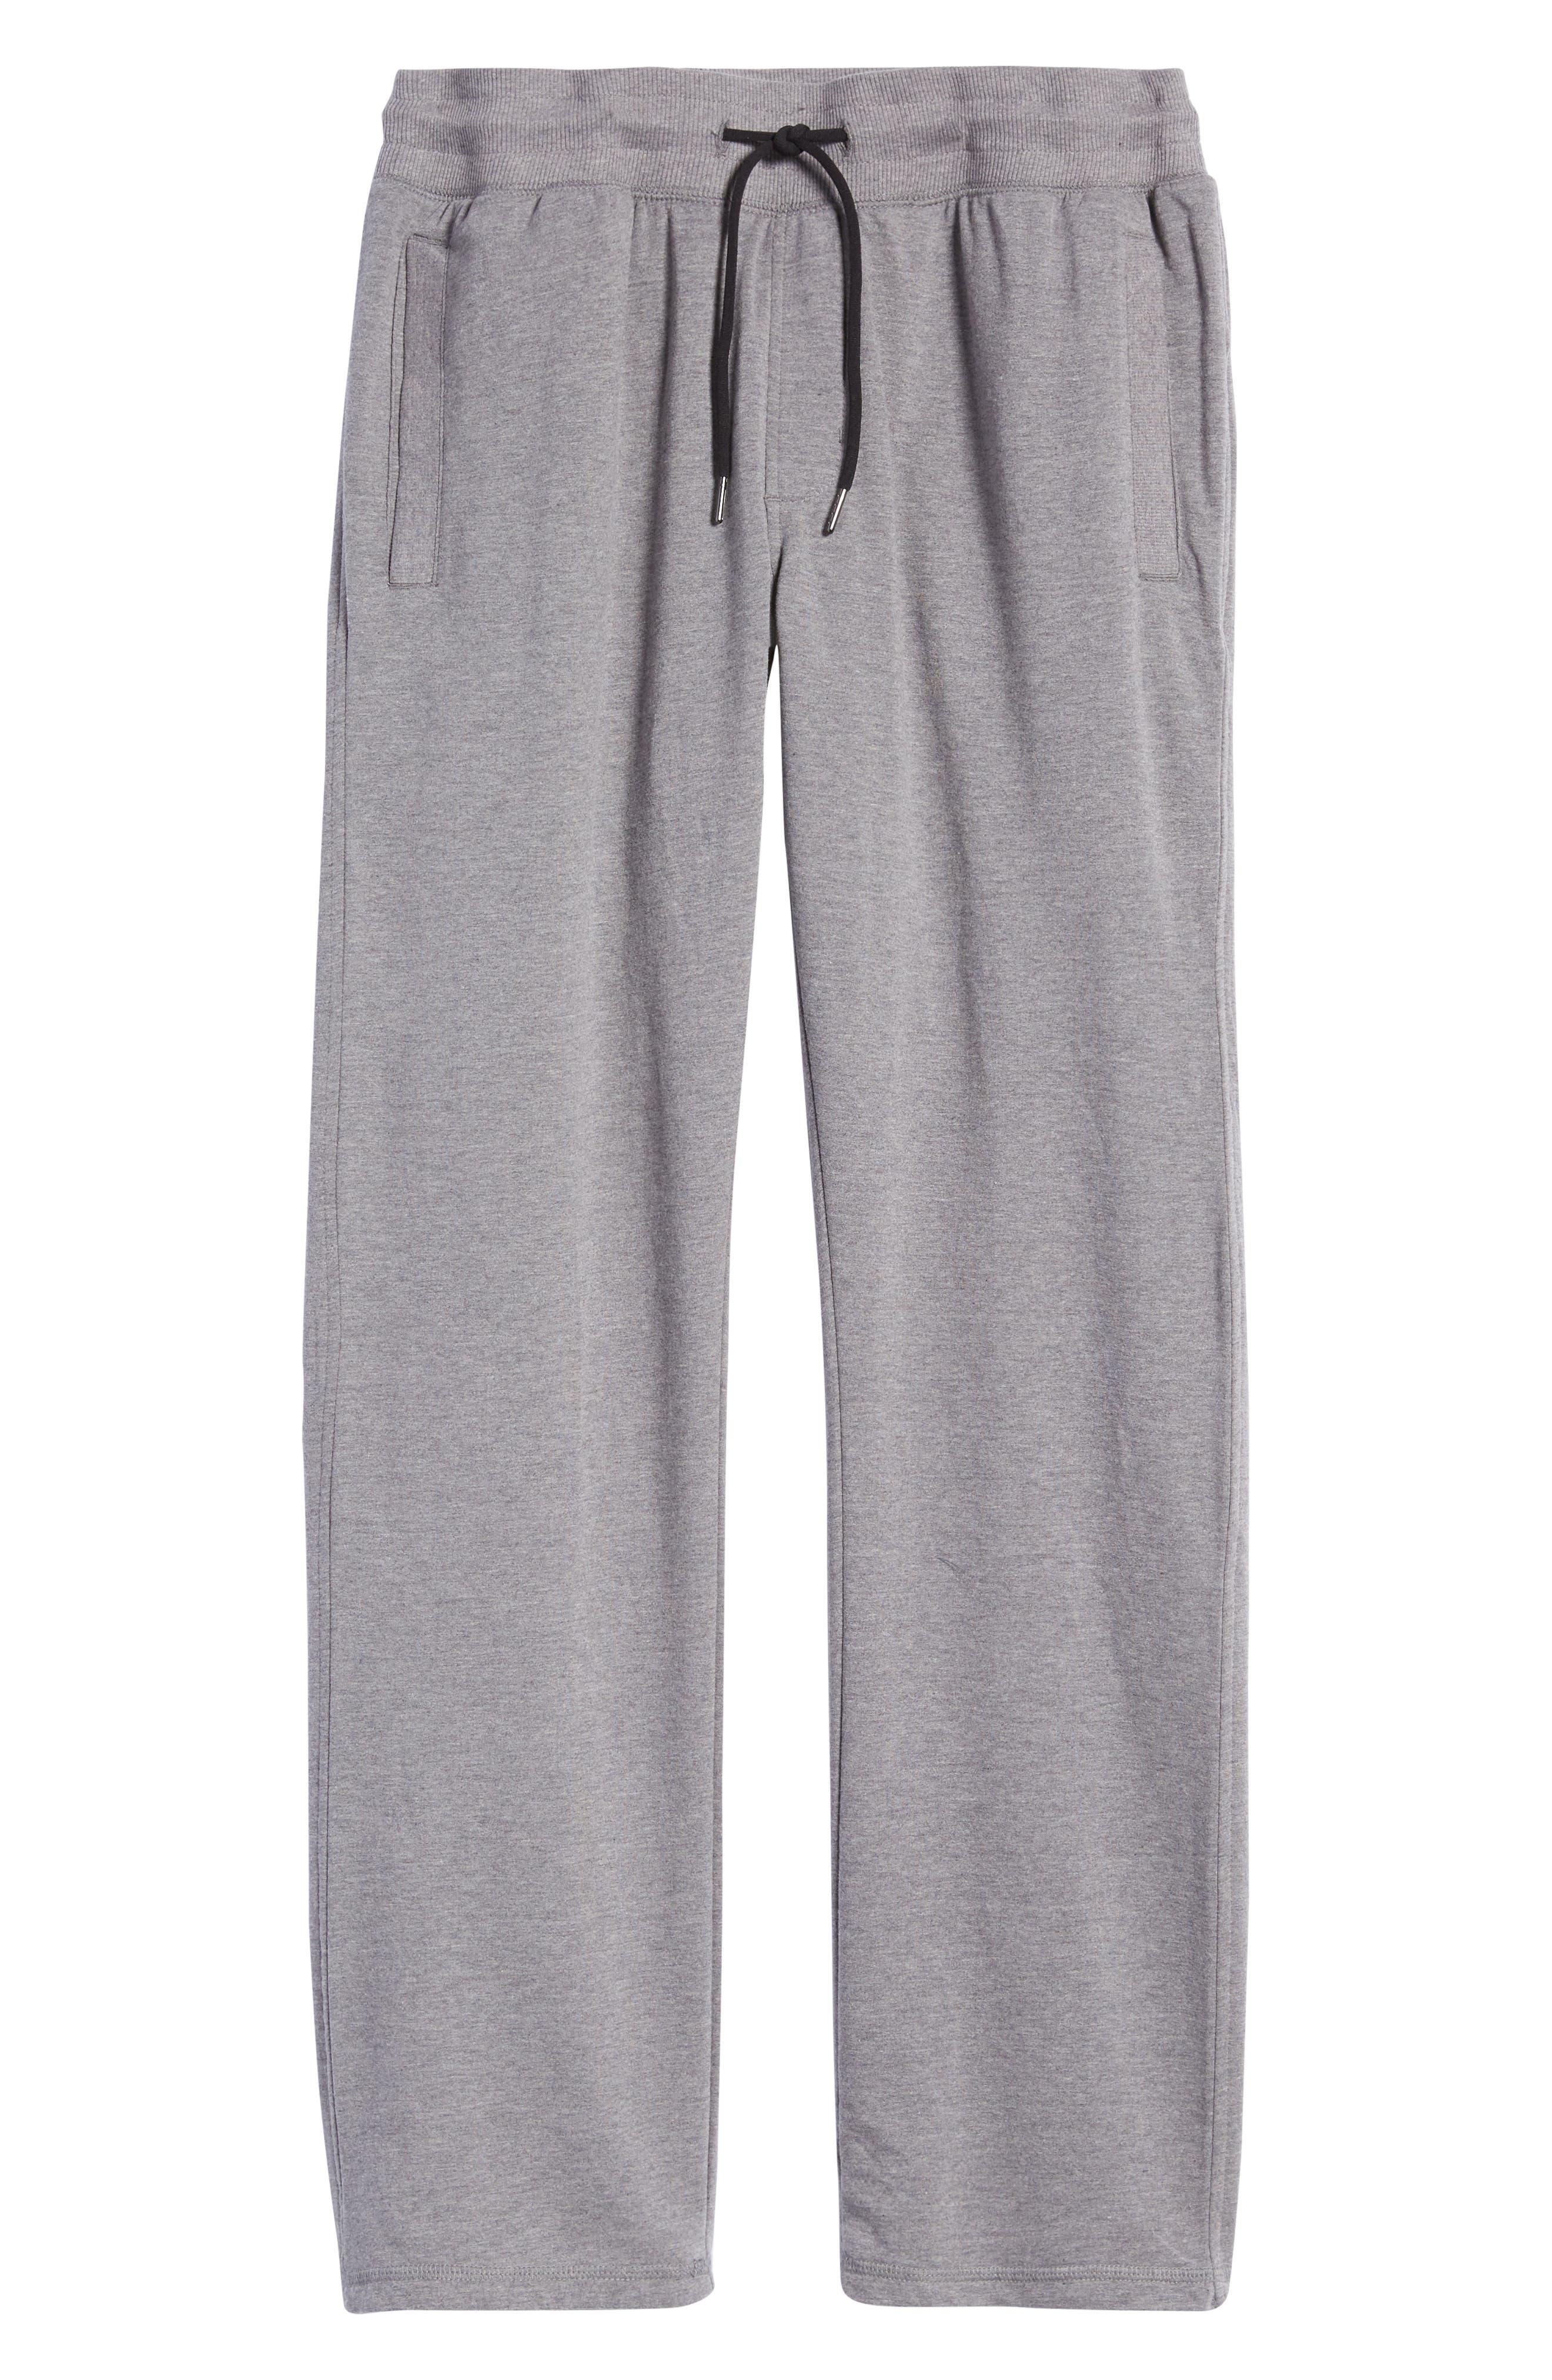 Men's Zella Men's Fleece Open Bottom Sweatpants